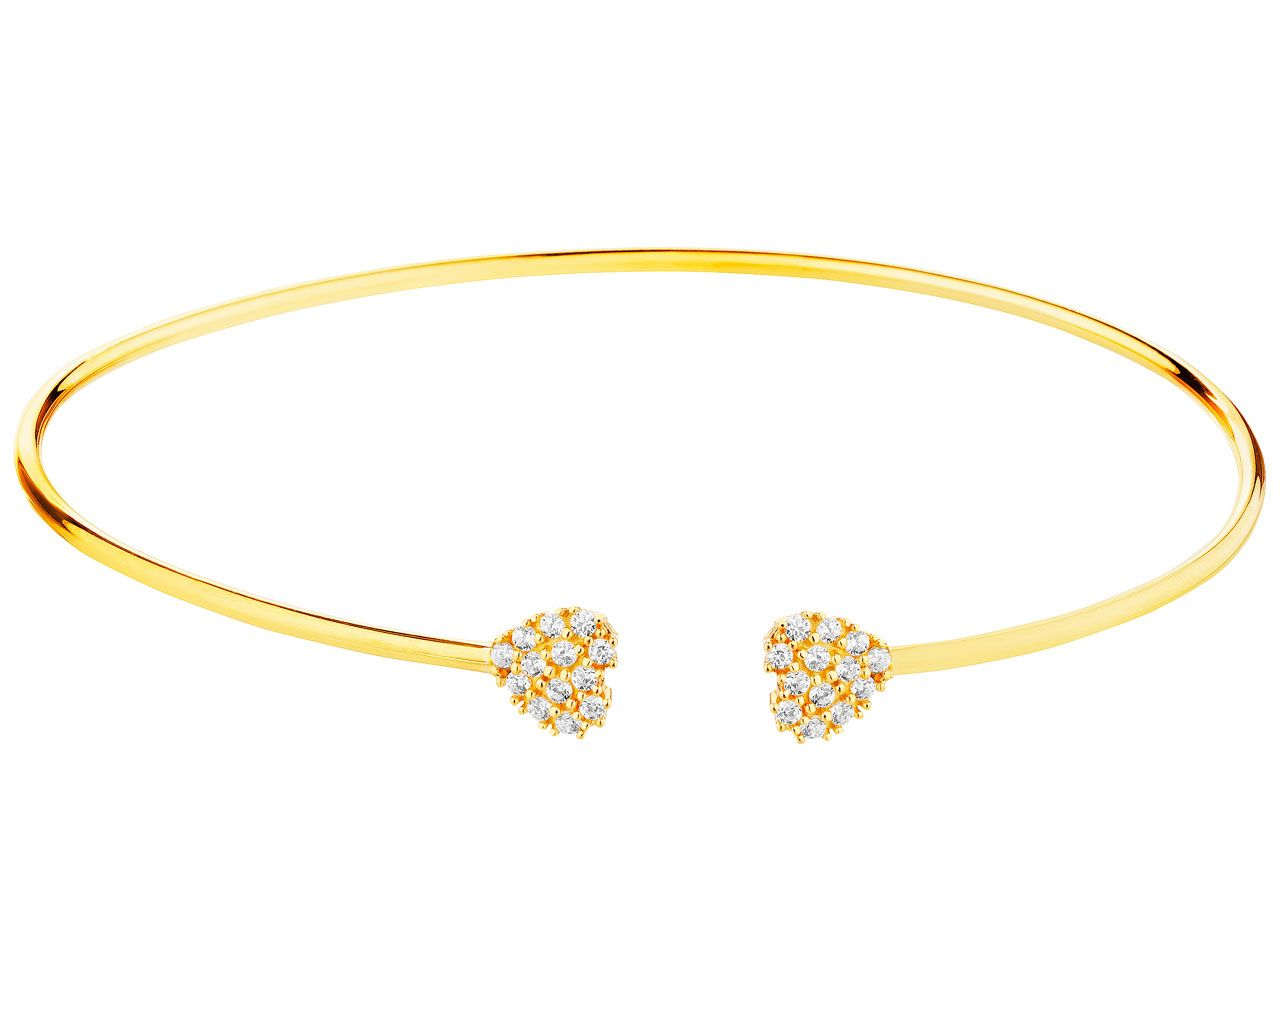 Zlota Bransoletka Wzor Ap127 9257 Apart Jewelry Gold Bracelet Bracelets